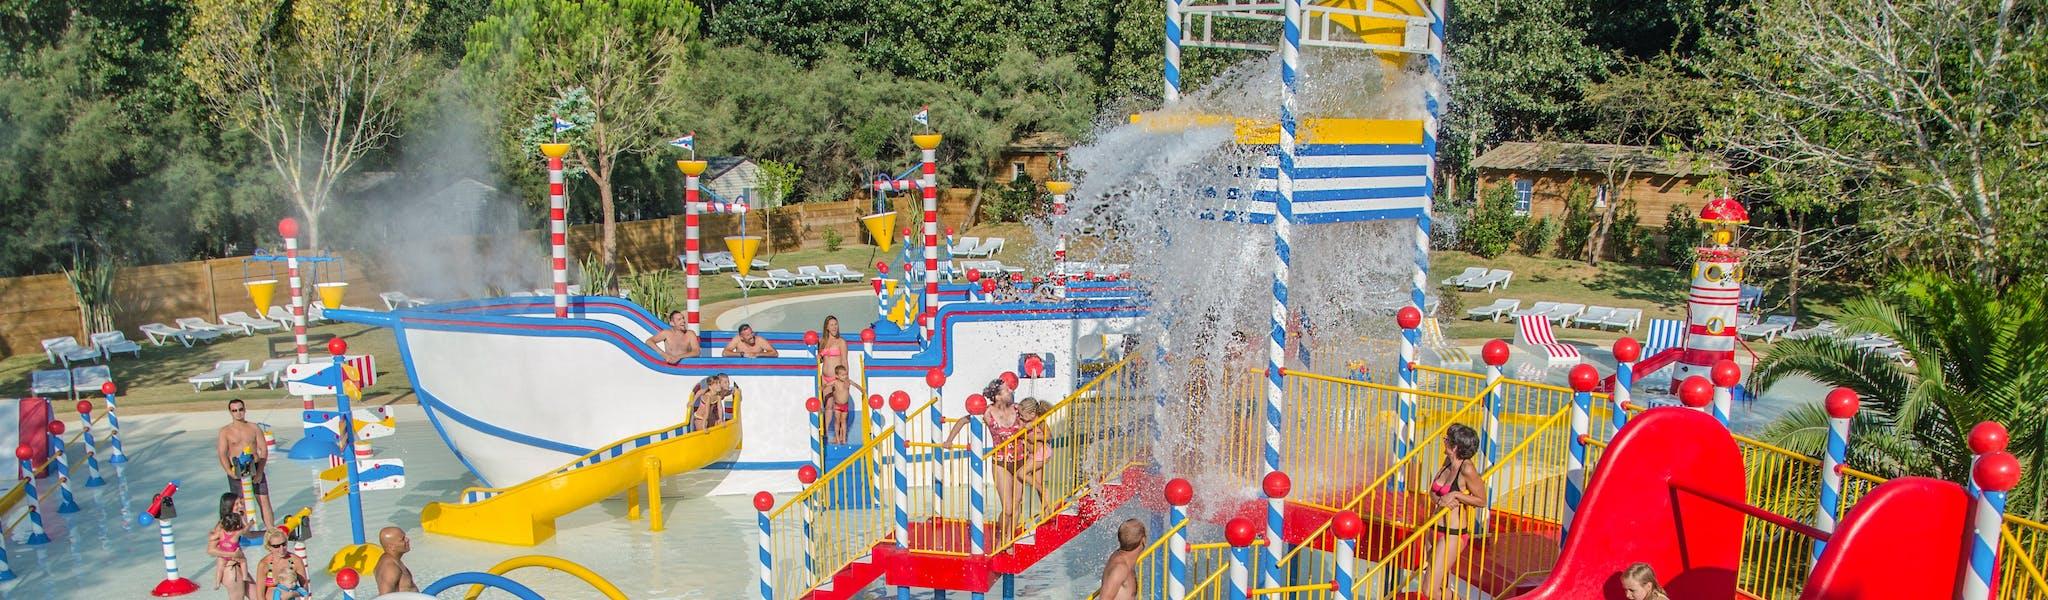 Water speelterrein camping Serignan Plage